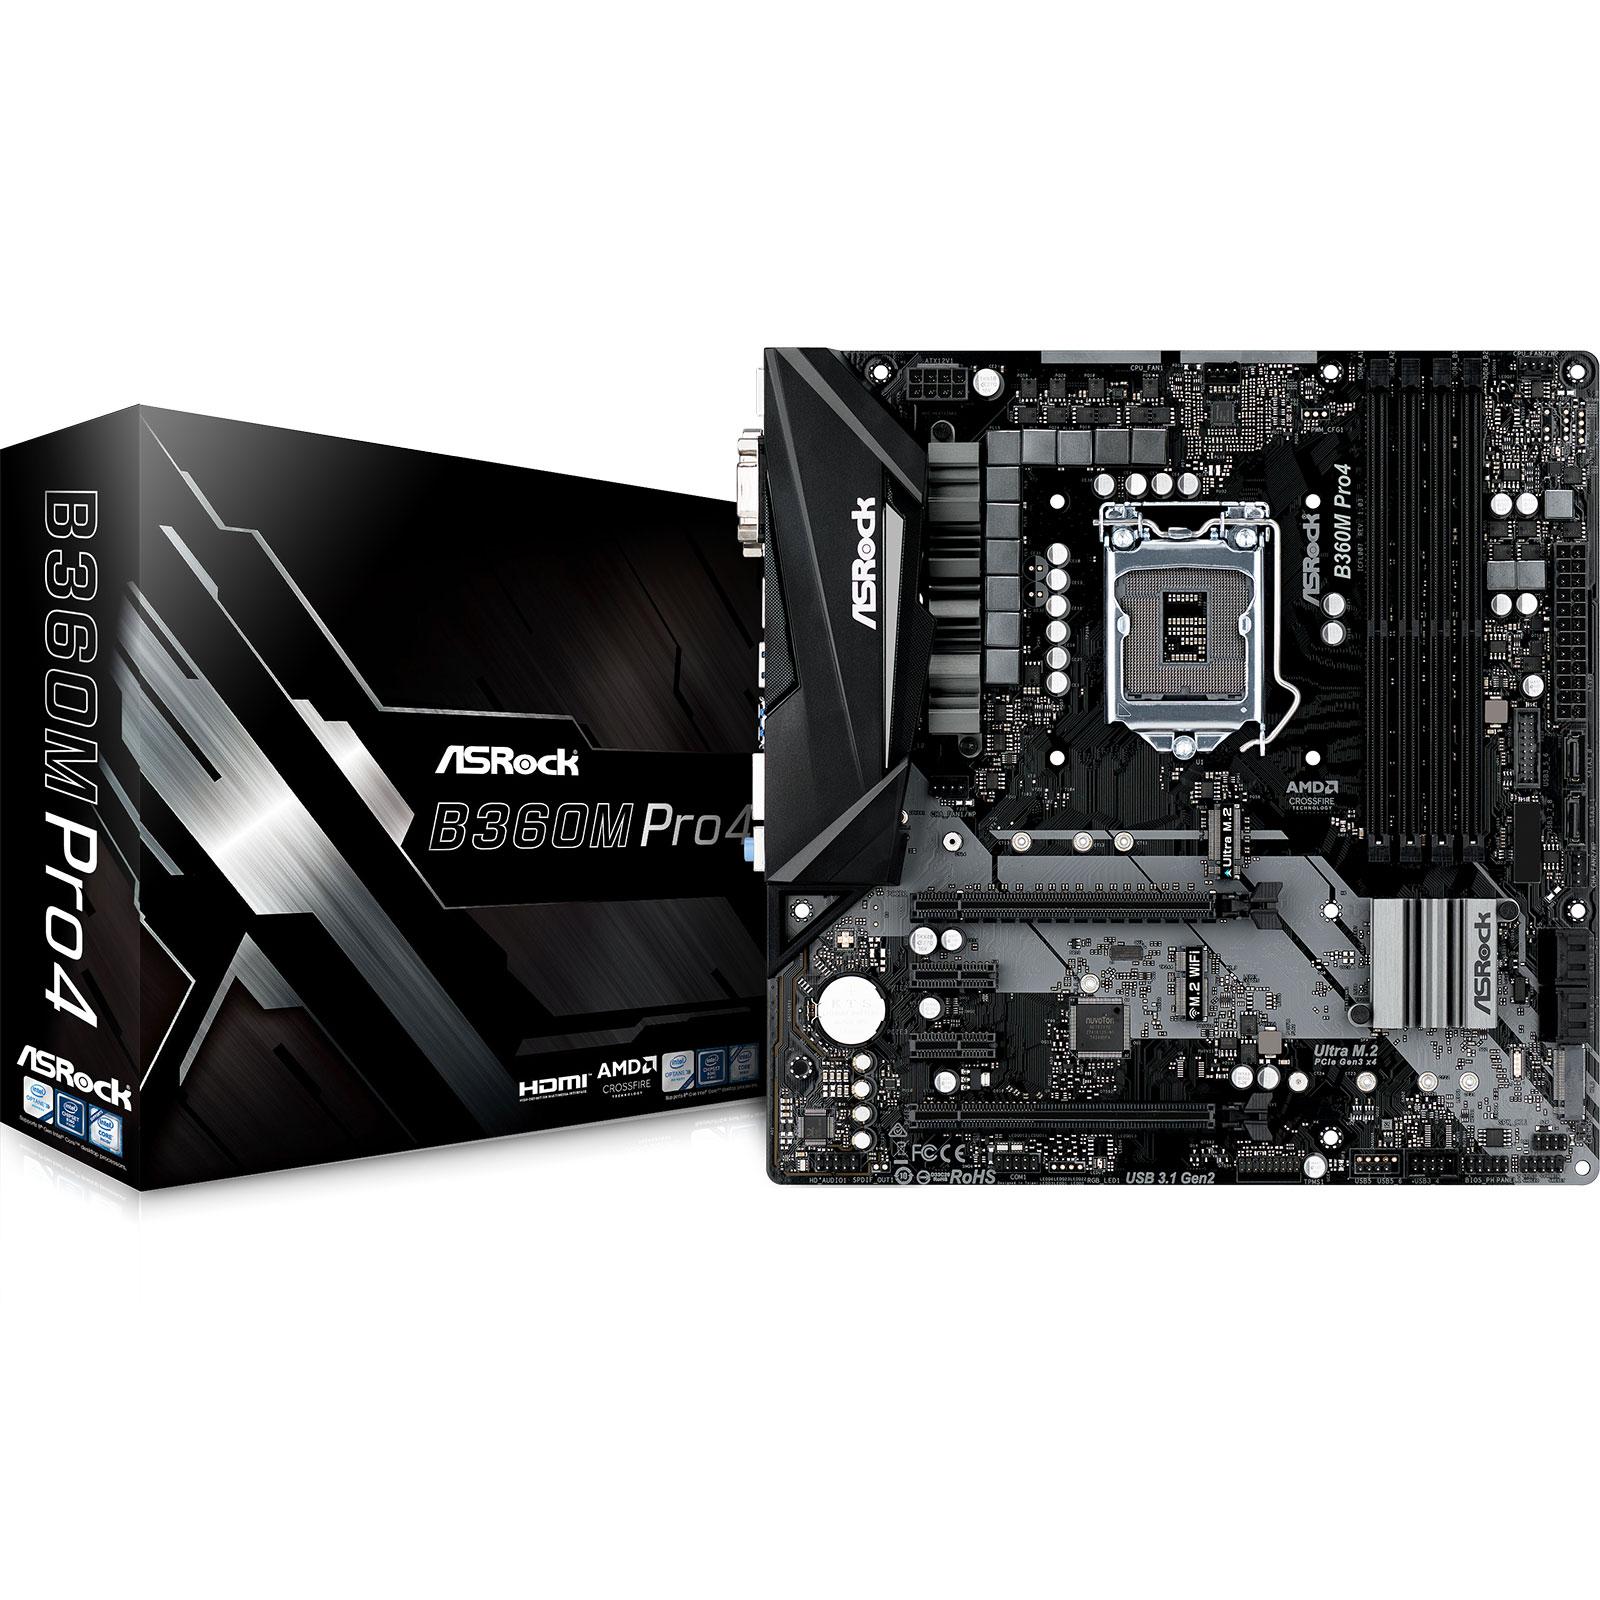 Carte mère ASRock B360M Pro4 Carte mère micro-ATX Socket 1151 Intel B360 Express - 4x DDR4 - SATA 6Gb/s + M.2 - USB 3.1 - 2x PCI-Express 3.0 16x